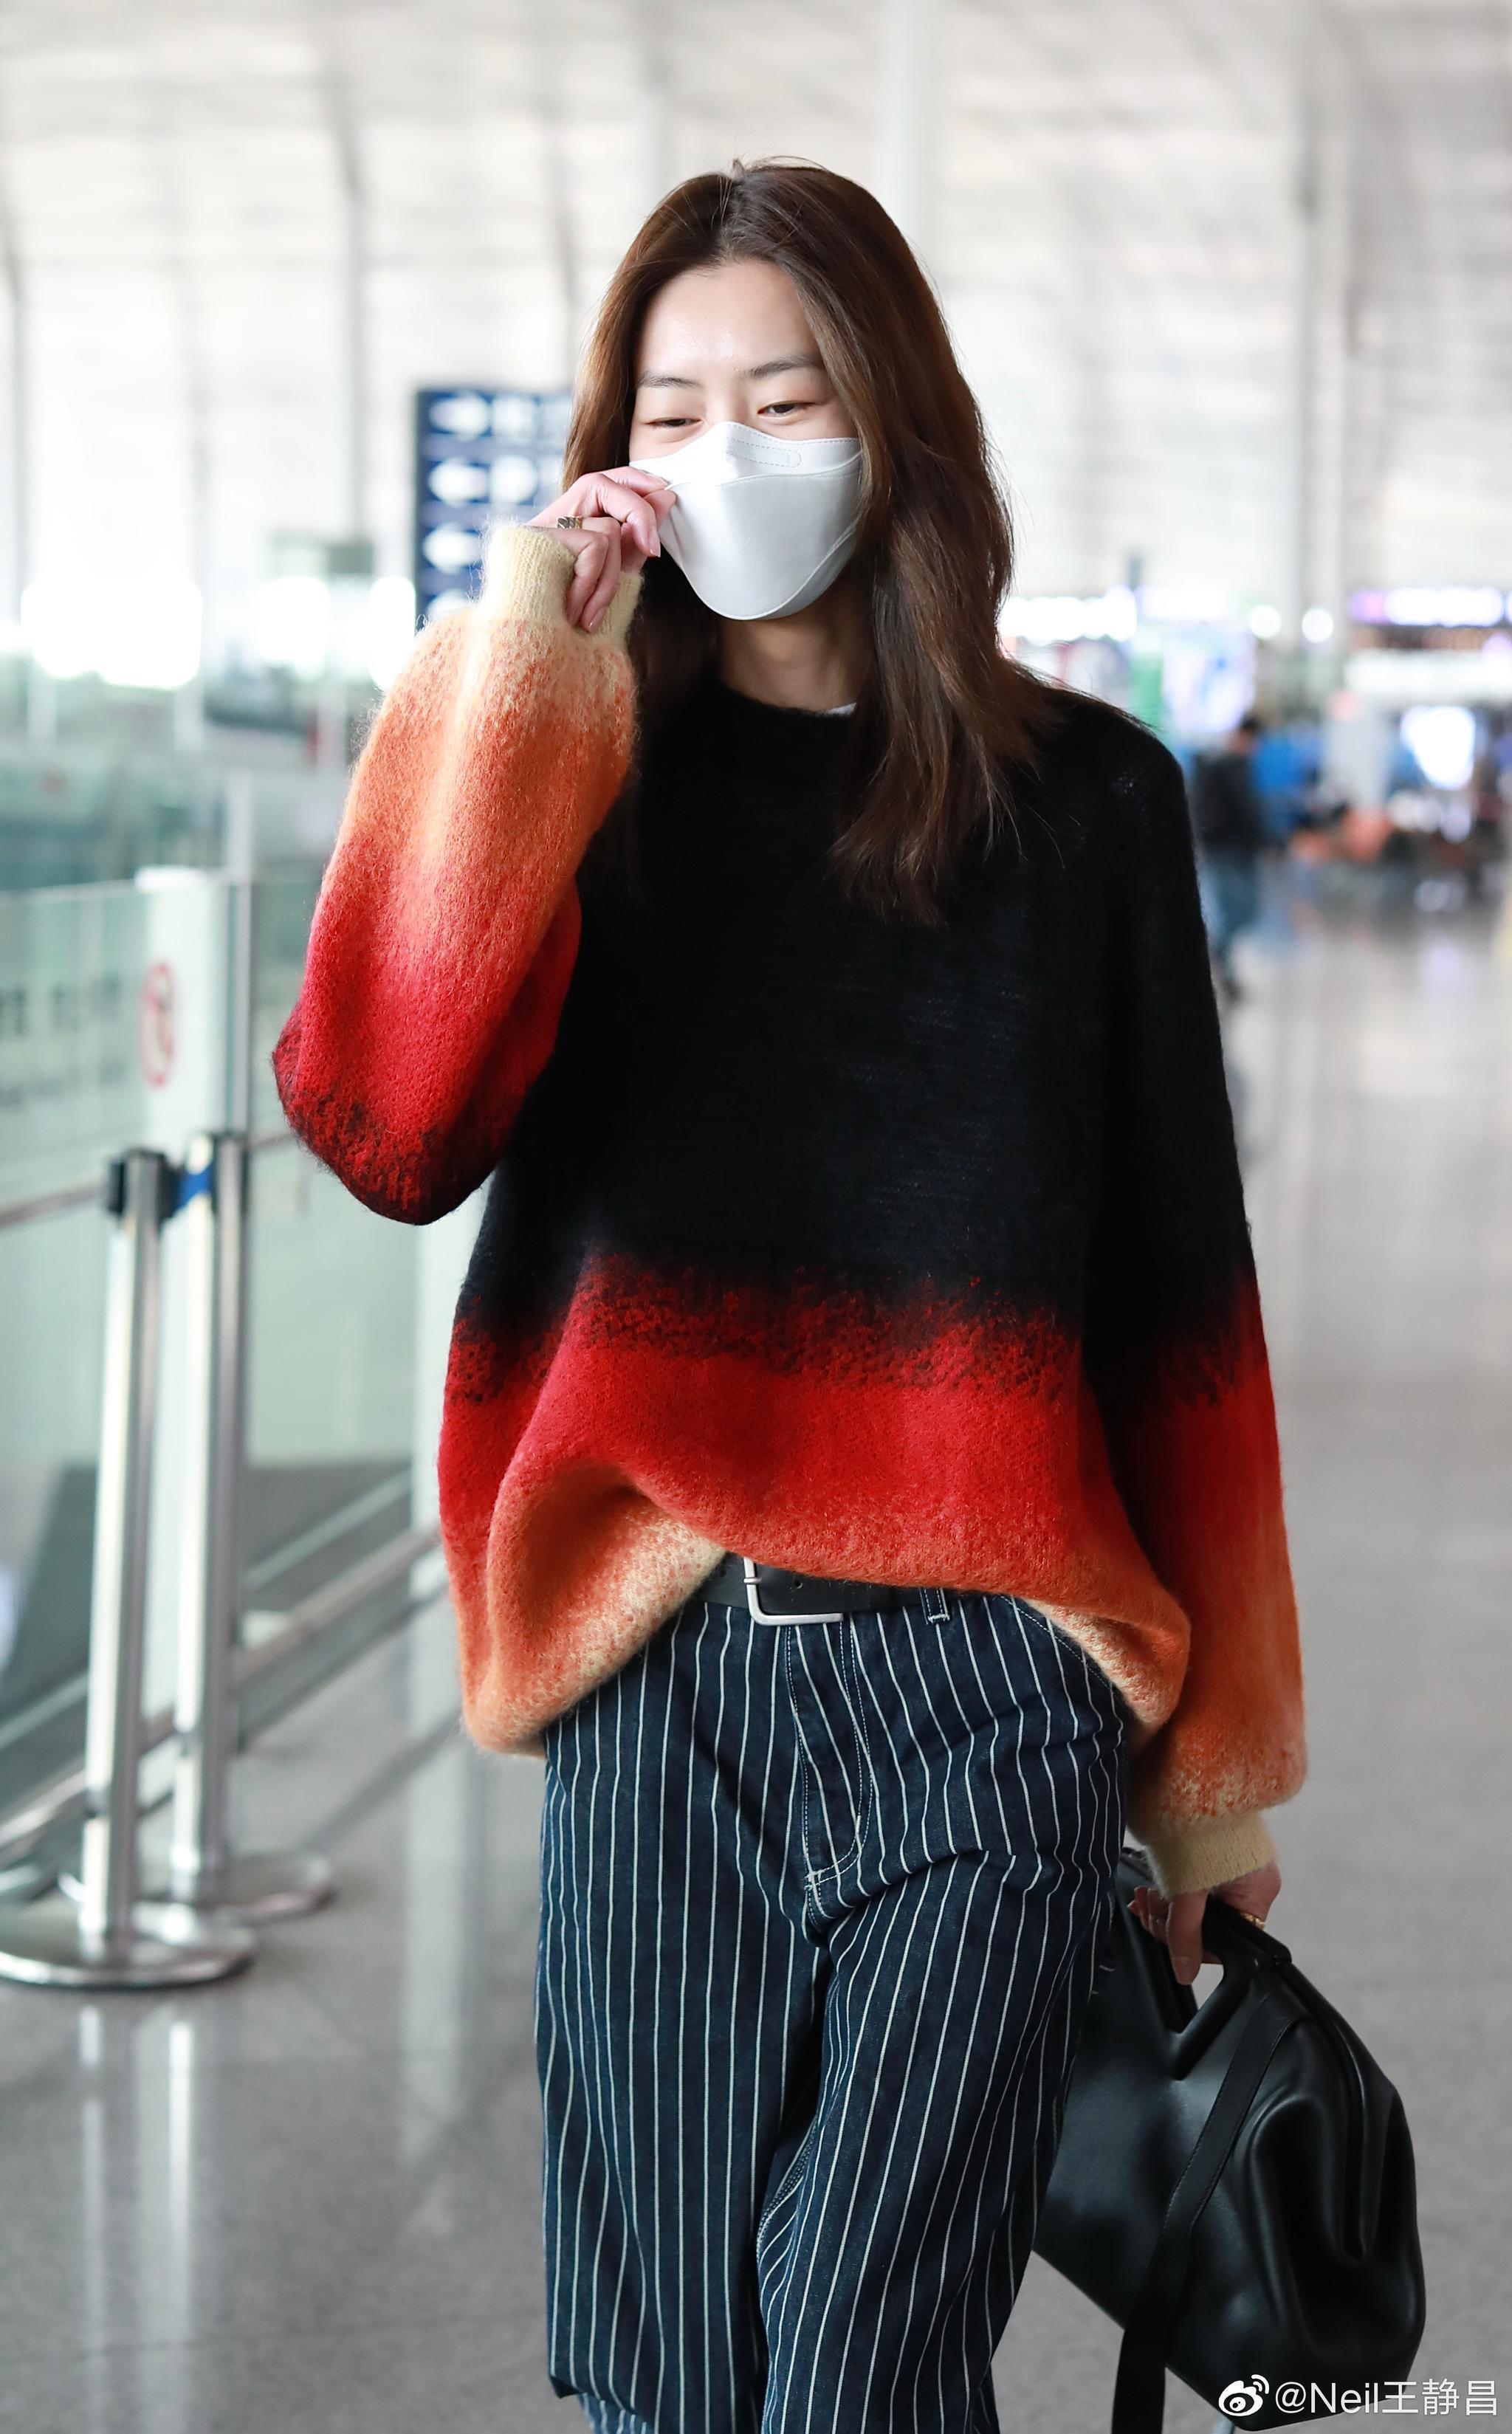 最新机场街拍,渐变色的针织衫搭配宽松的条纹西裤……